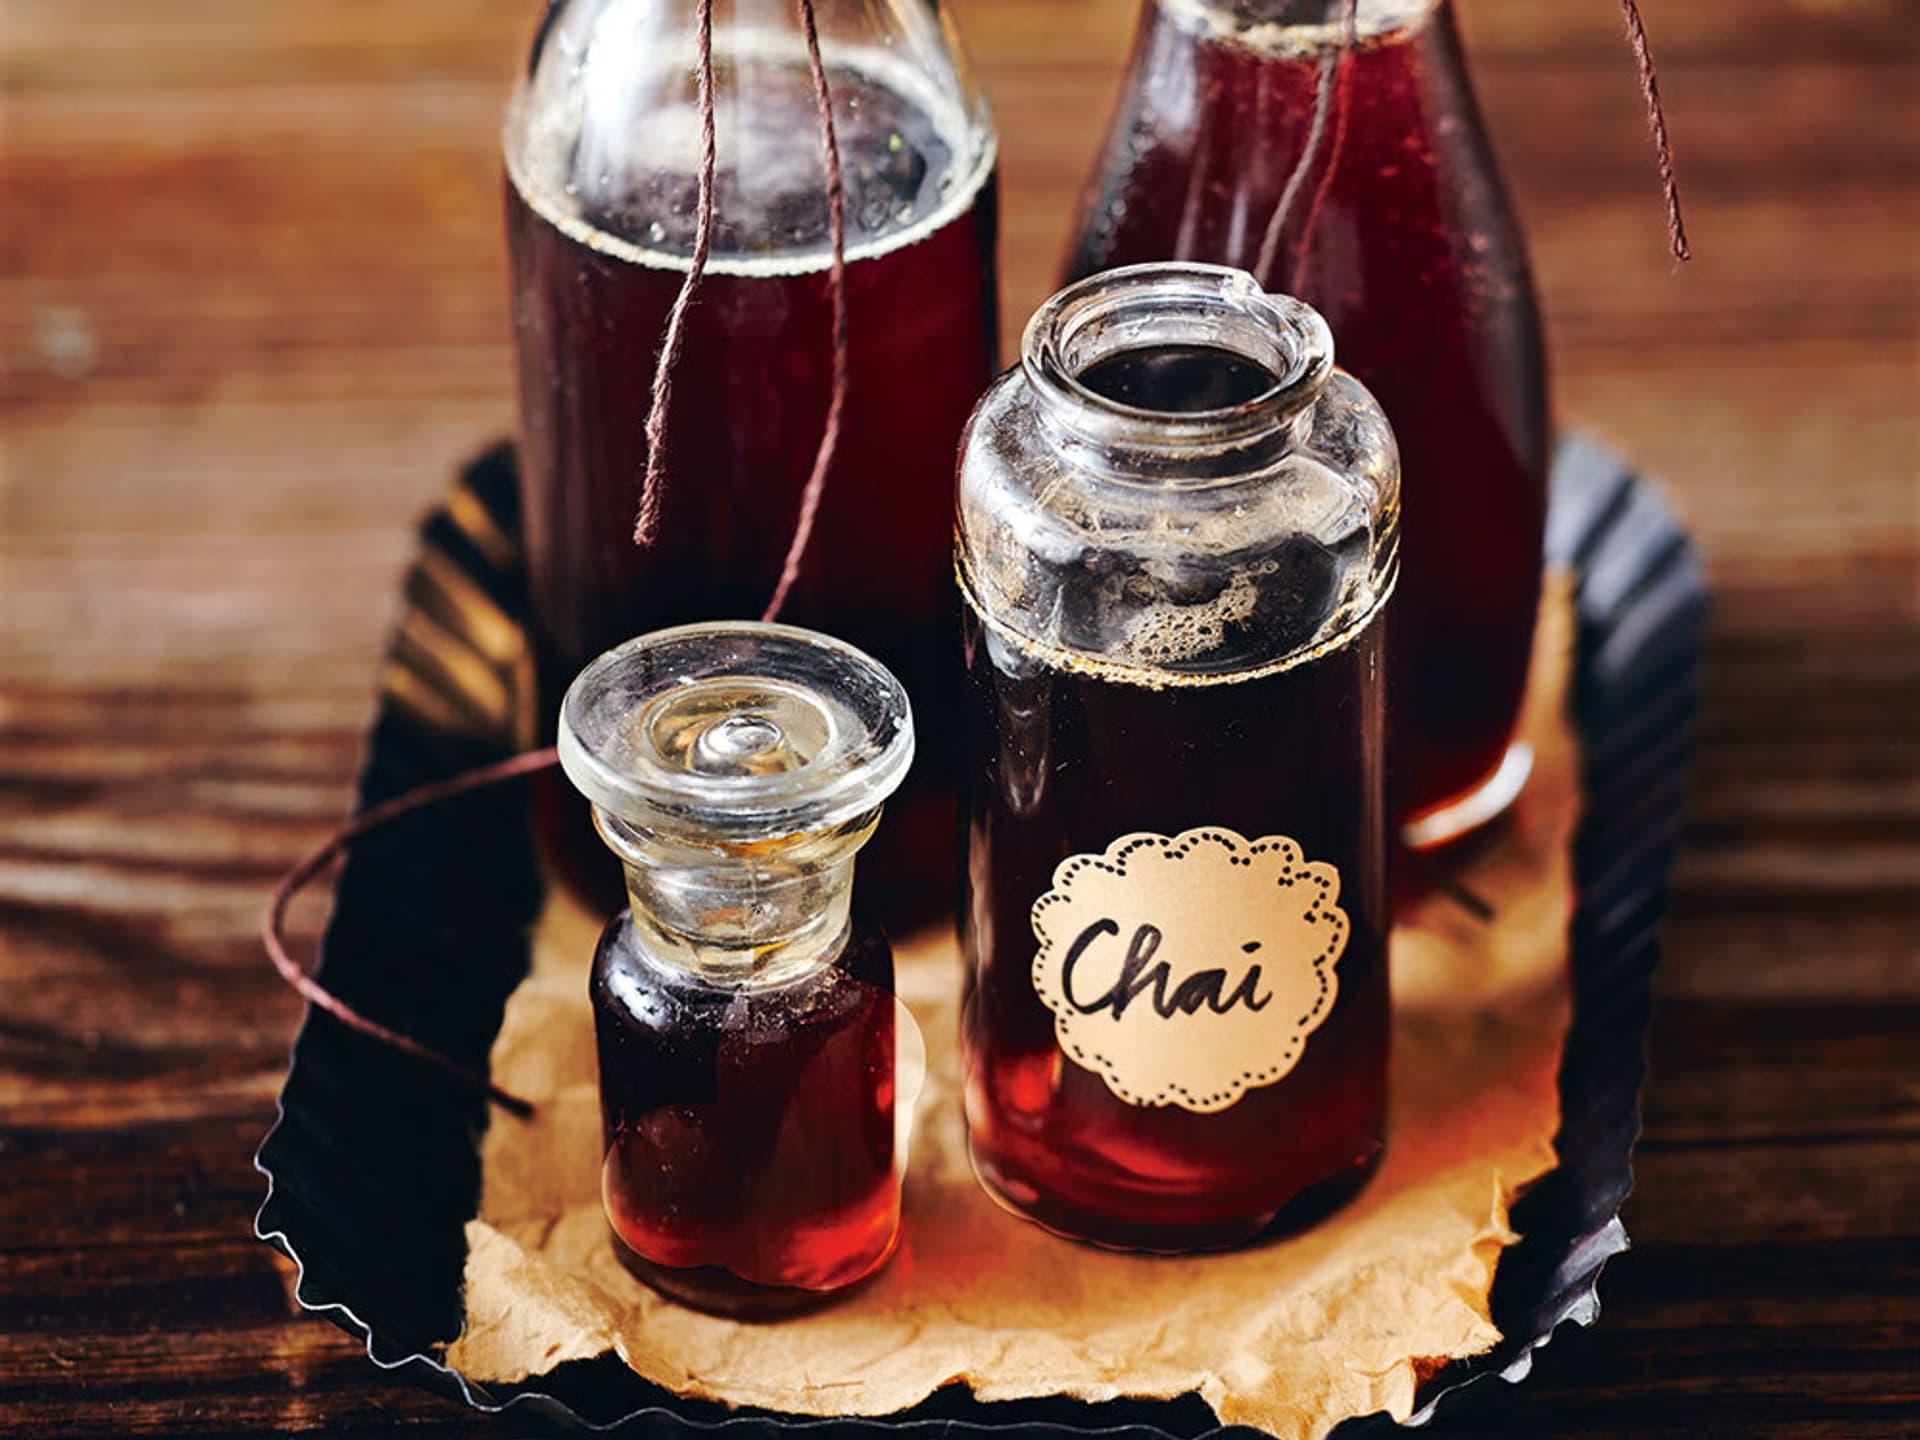 Chai Sirup für Desserts und warme Getränke